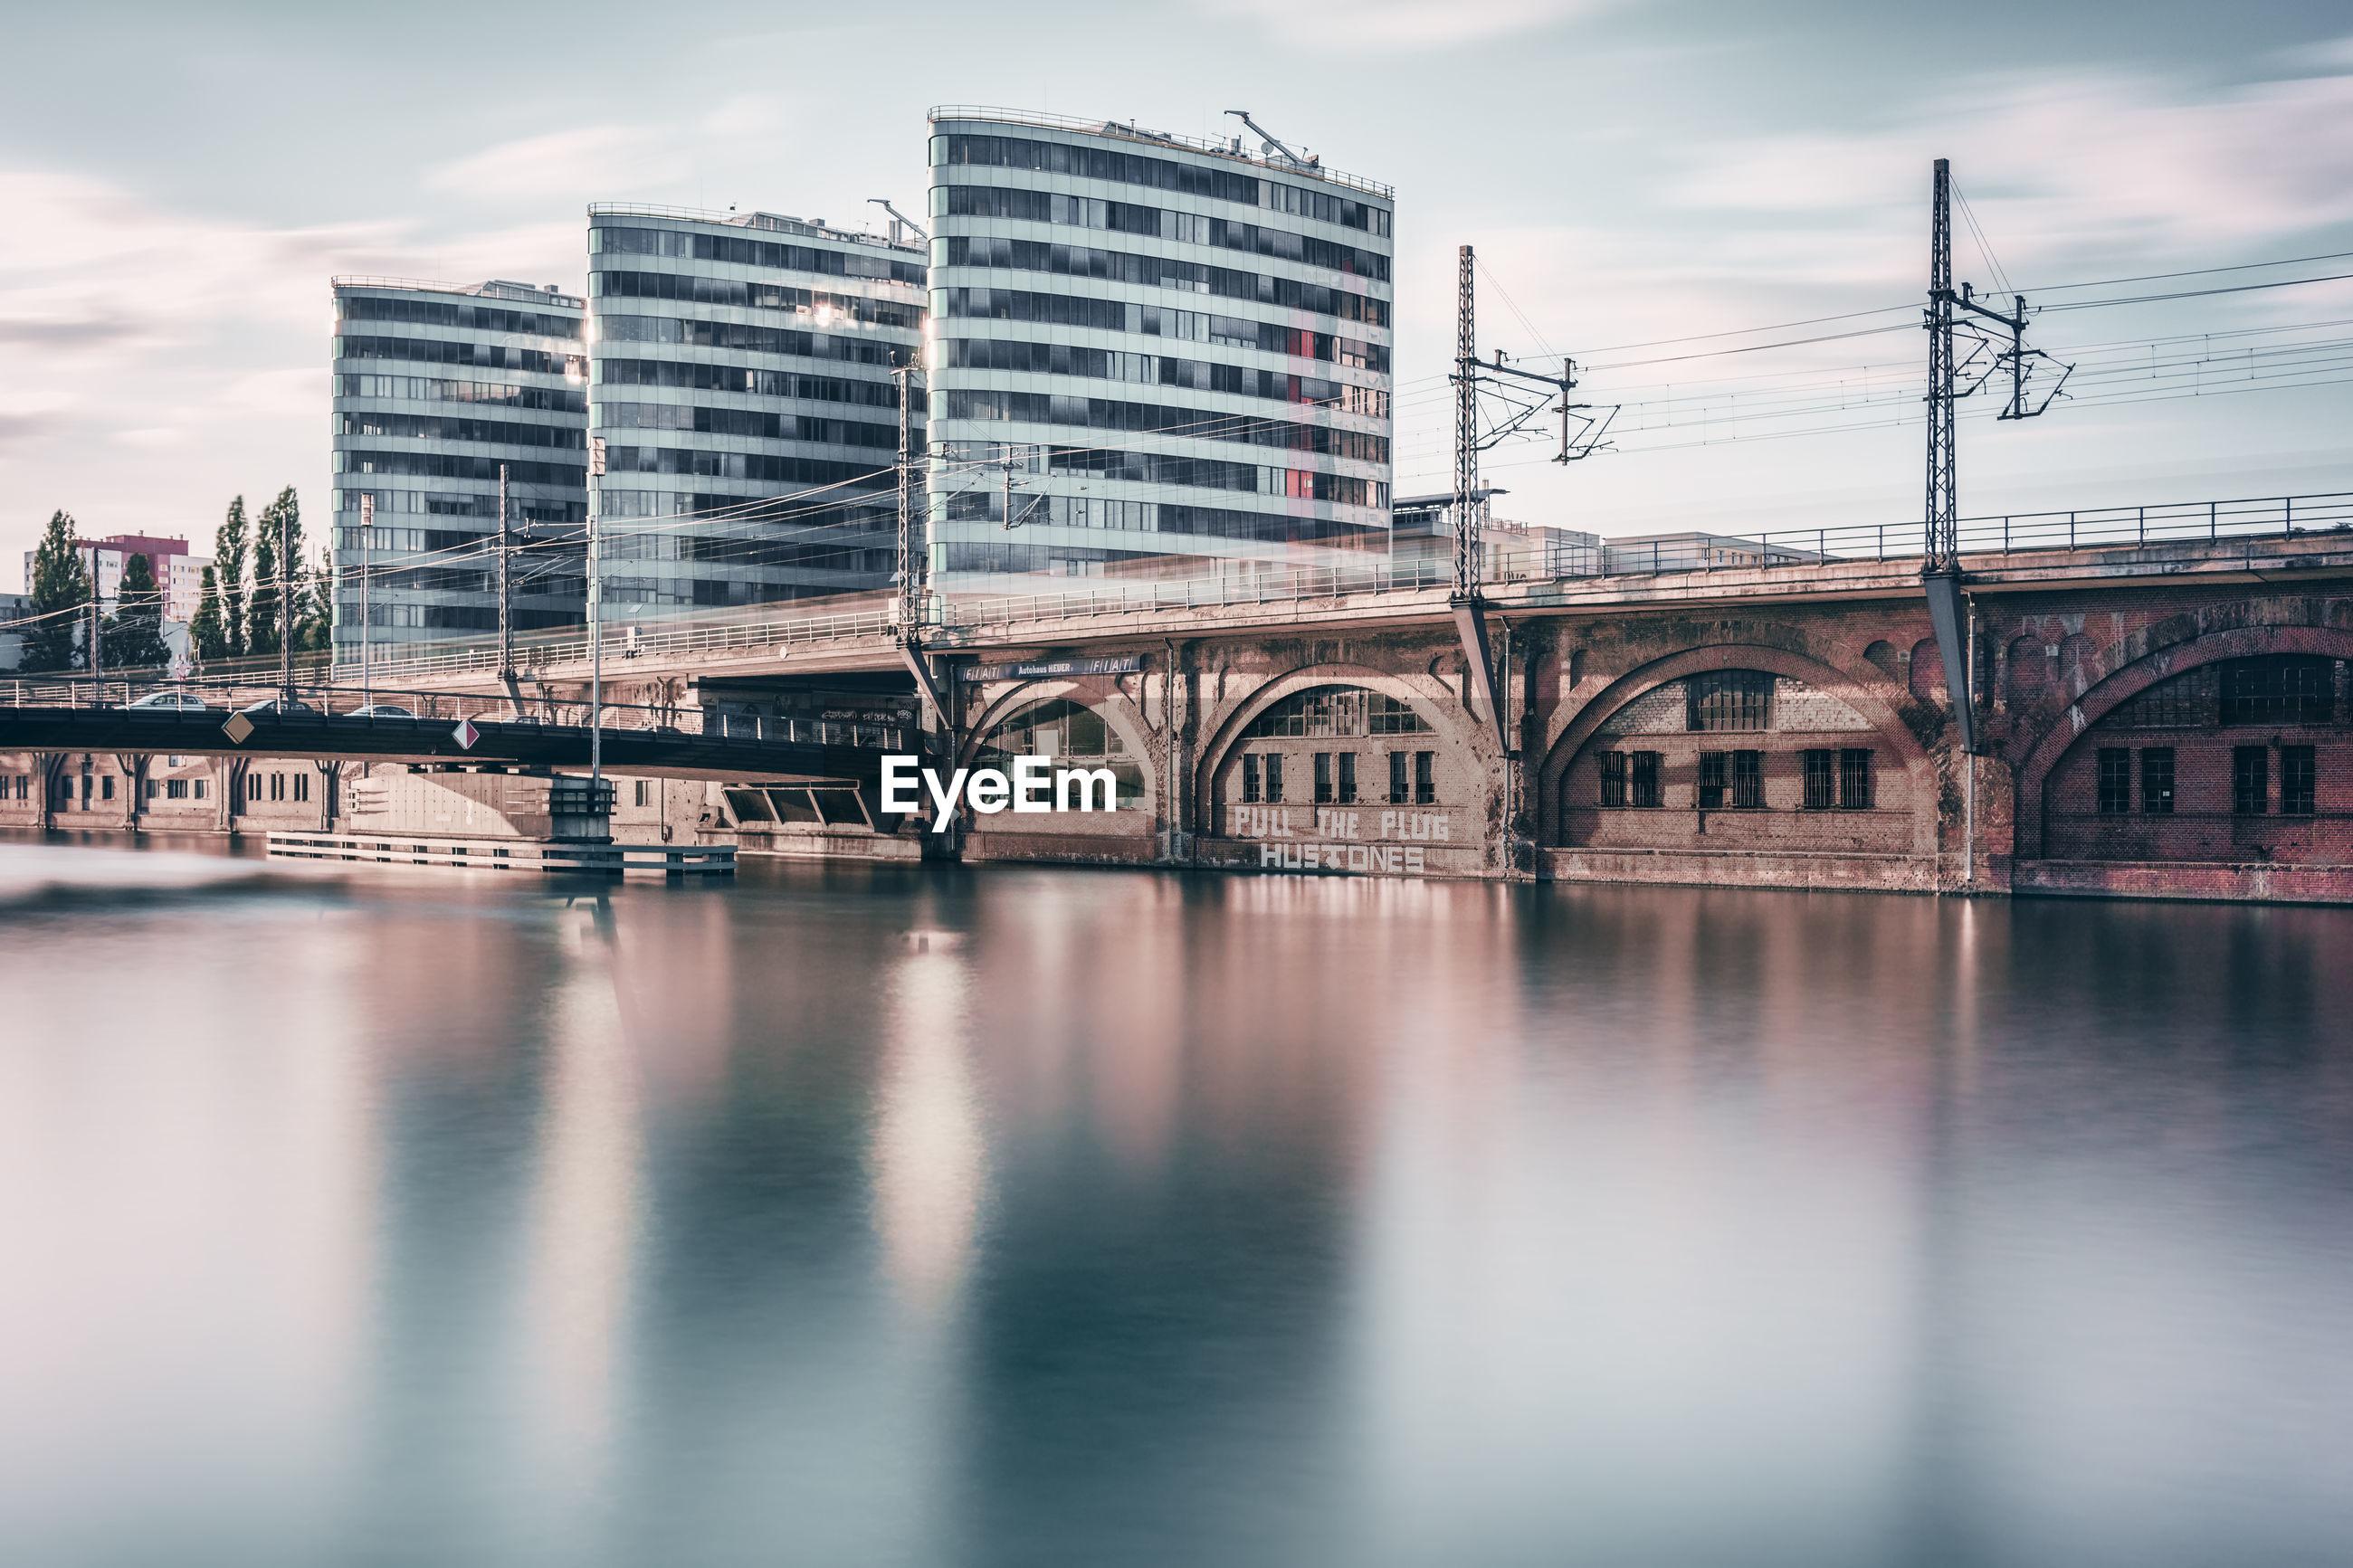 River by bridge against buildings in city